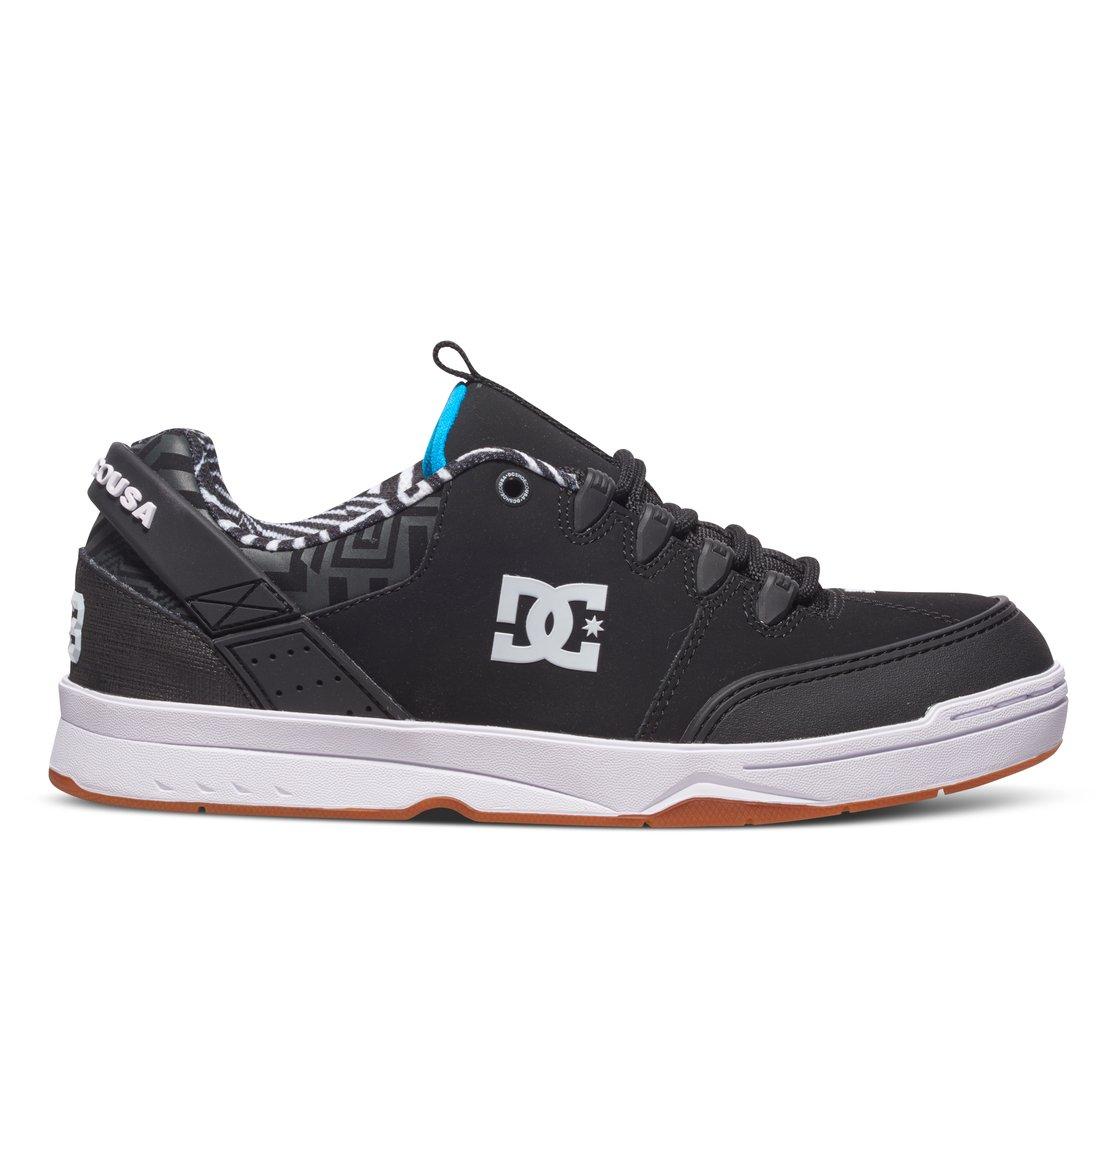 dc shoes Syntax - Scarpe da Uomo - Blue - DC Shoes